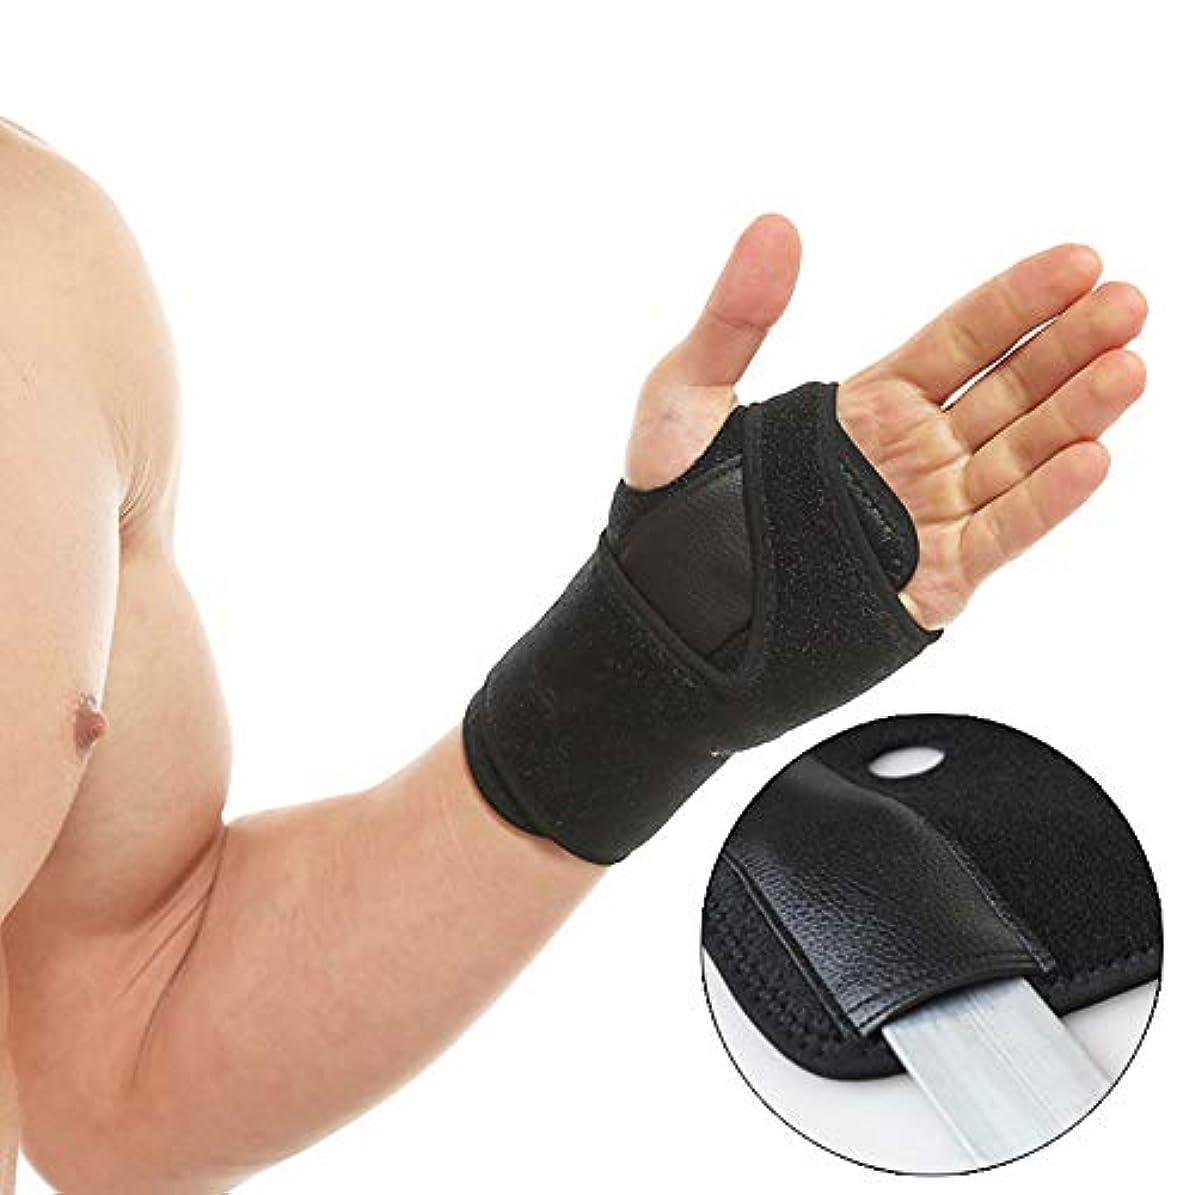 積極的に区フィット親指ブレース - 関節炎、腱鞘炎、そしてその他、トリガー親指サポート中括弧のためのスプリントは、男性と女性のための右手と左手の両方に適合します